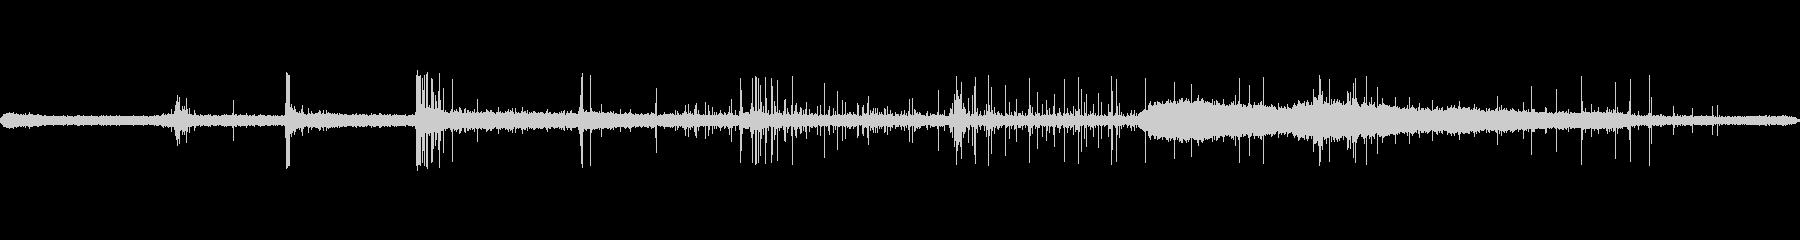 シズルフライパンスパッタの未再生の波形